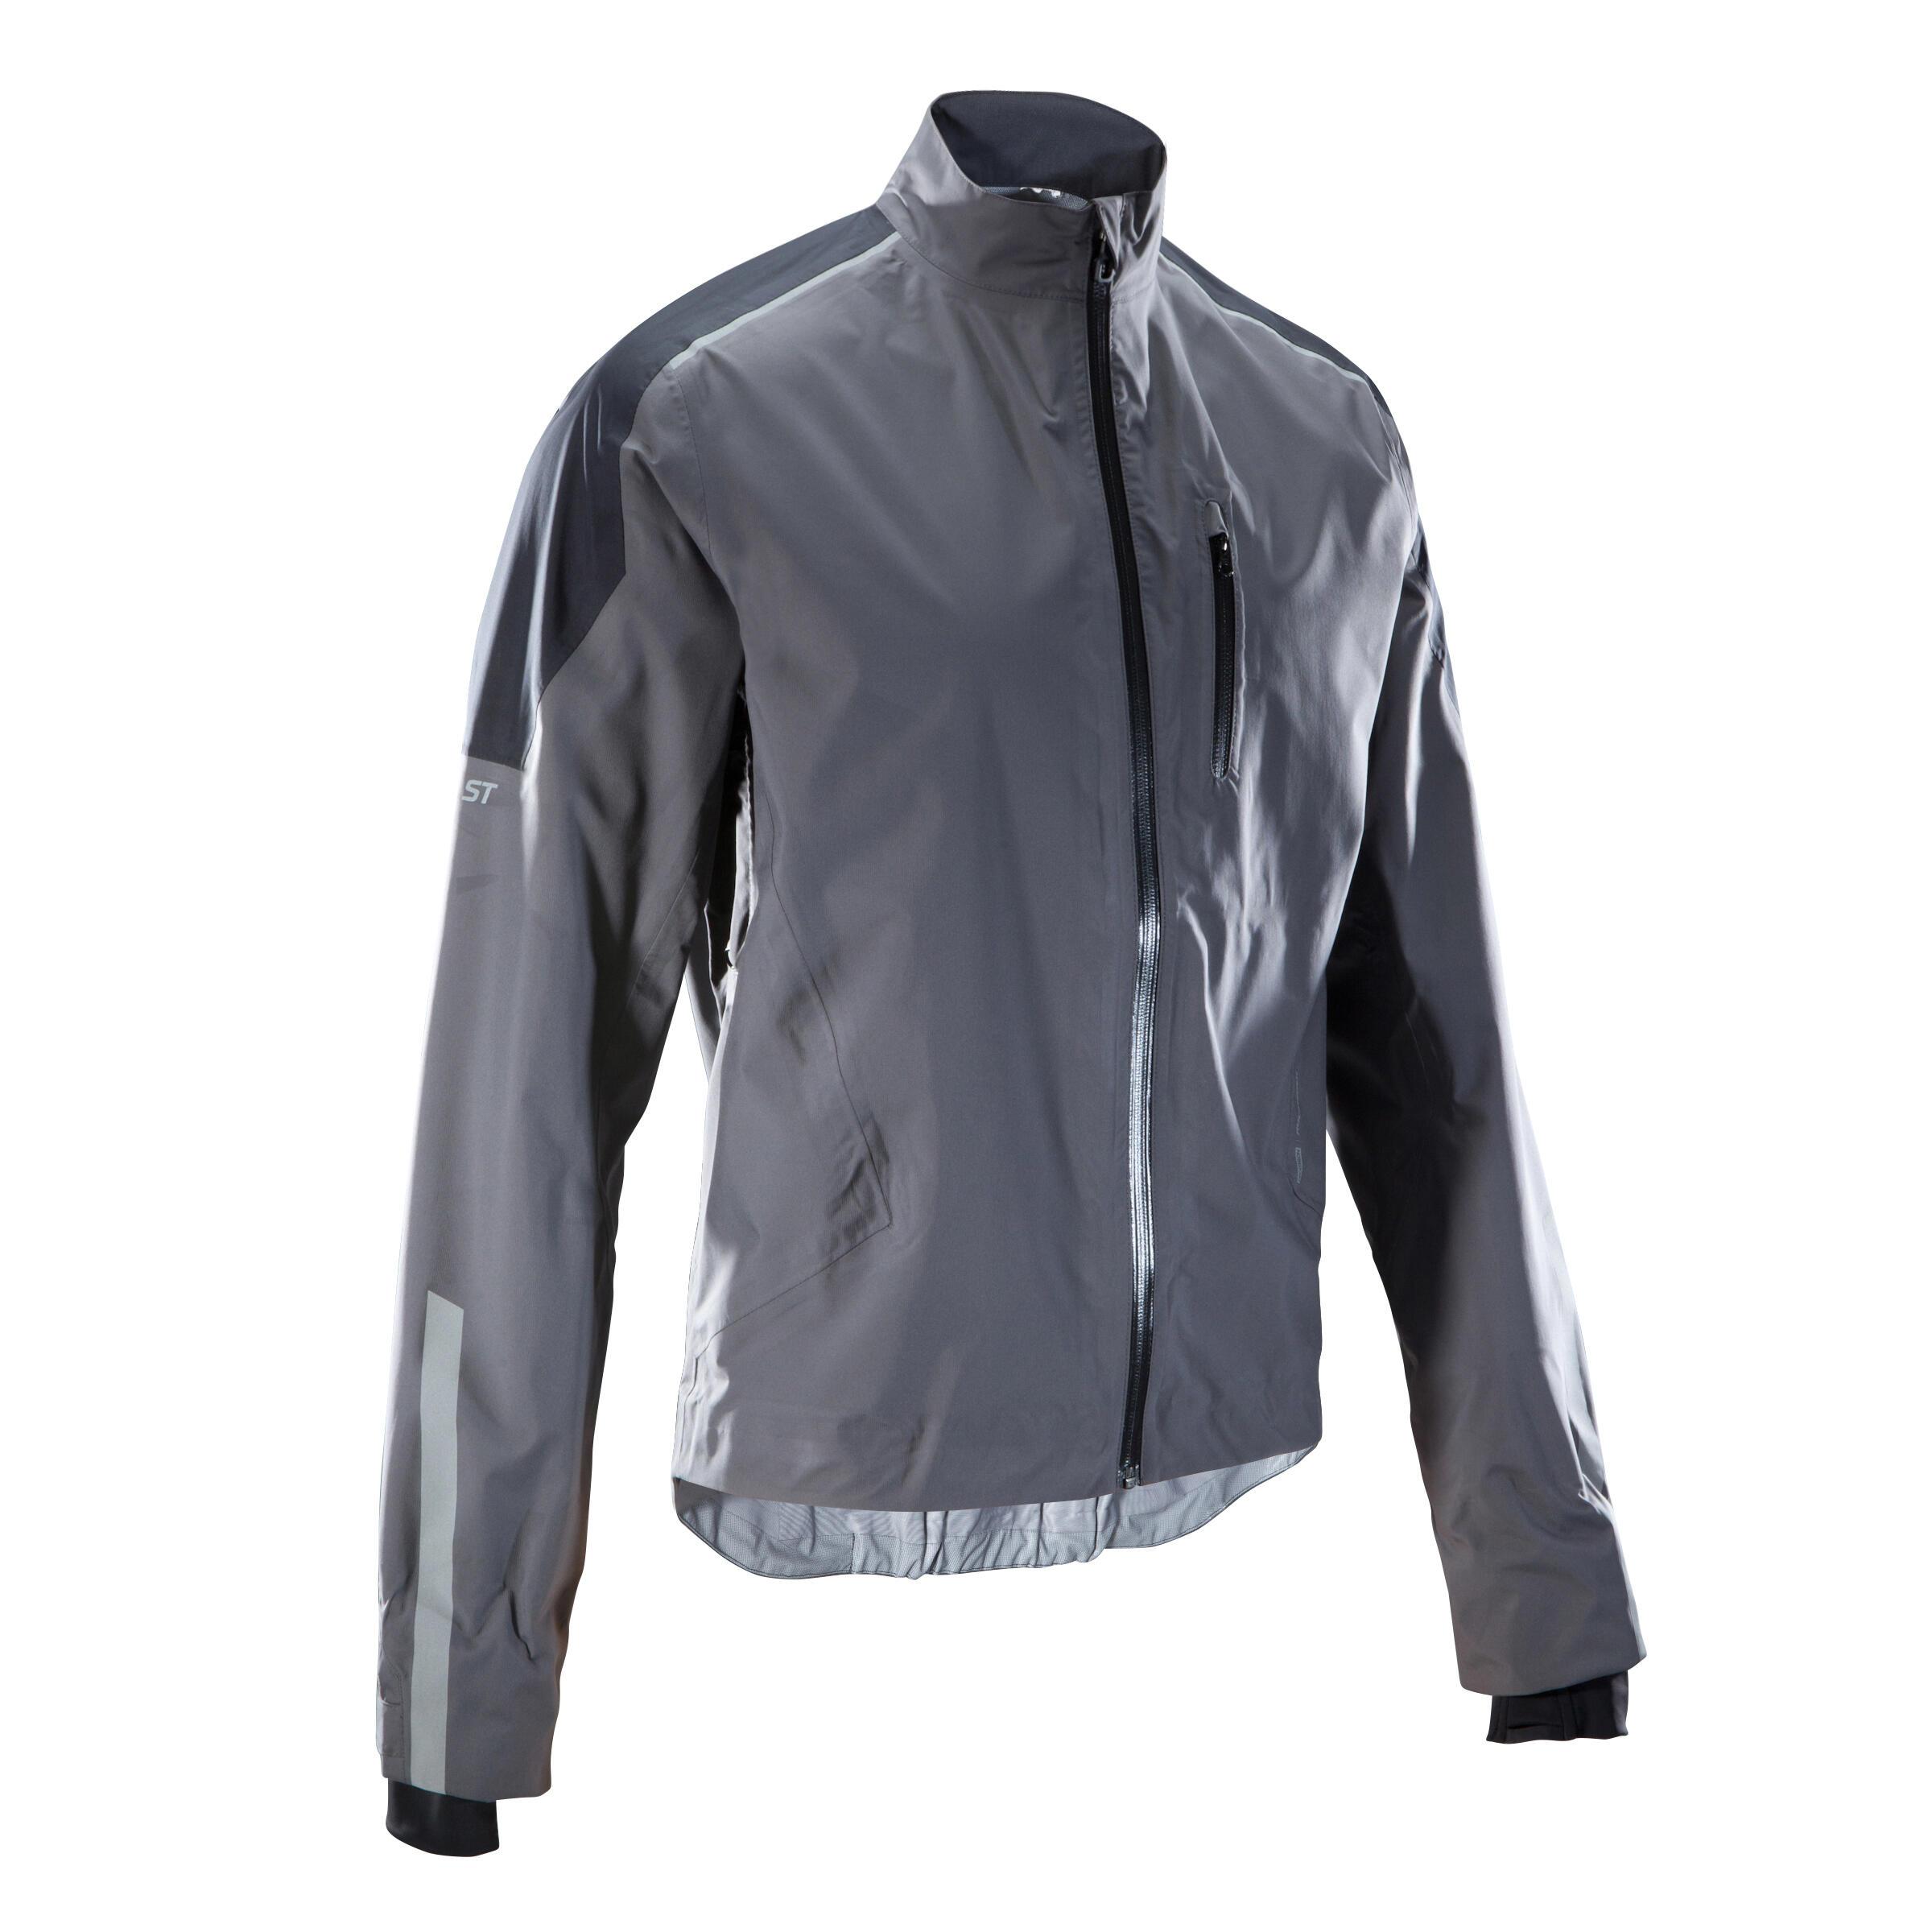 Jachetă ploaie ciclism ST 900